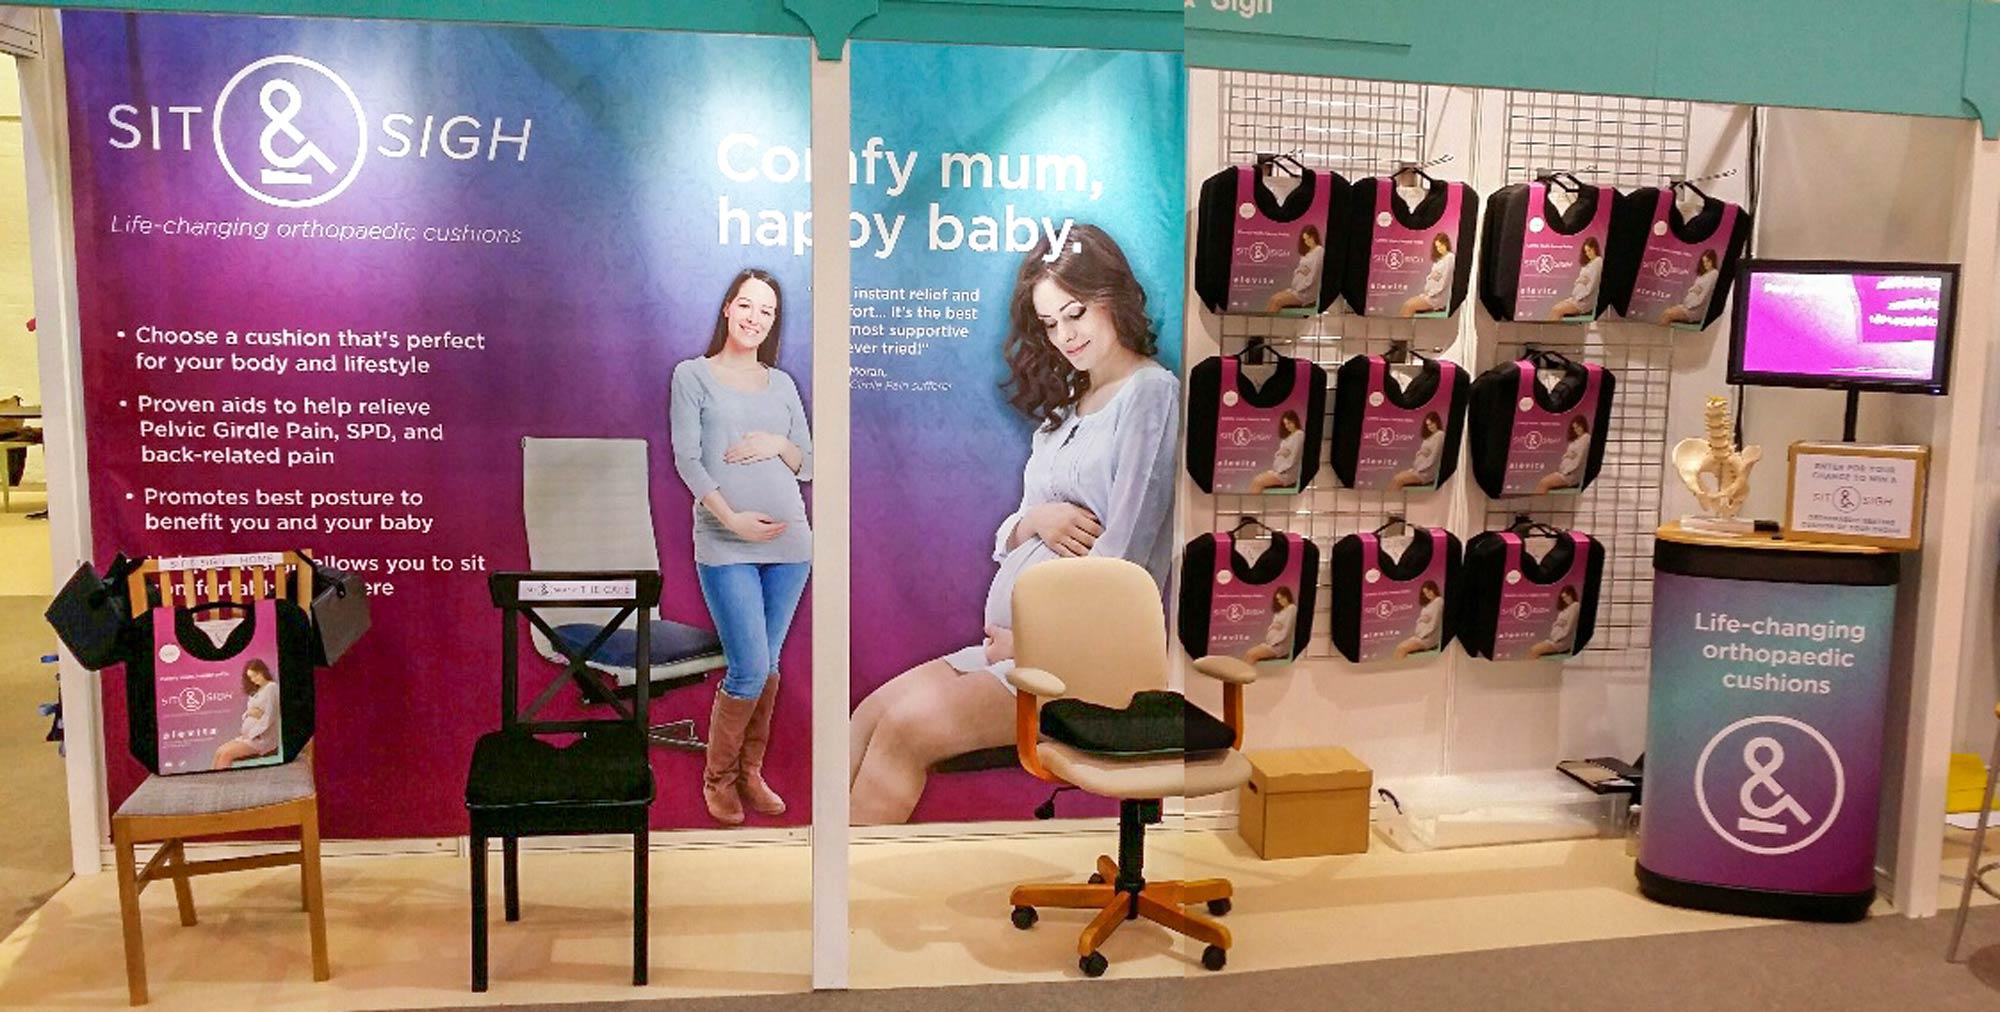 Sit & Sigh exhibition stand design Skein Agency digital design marketing Glasgow